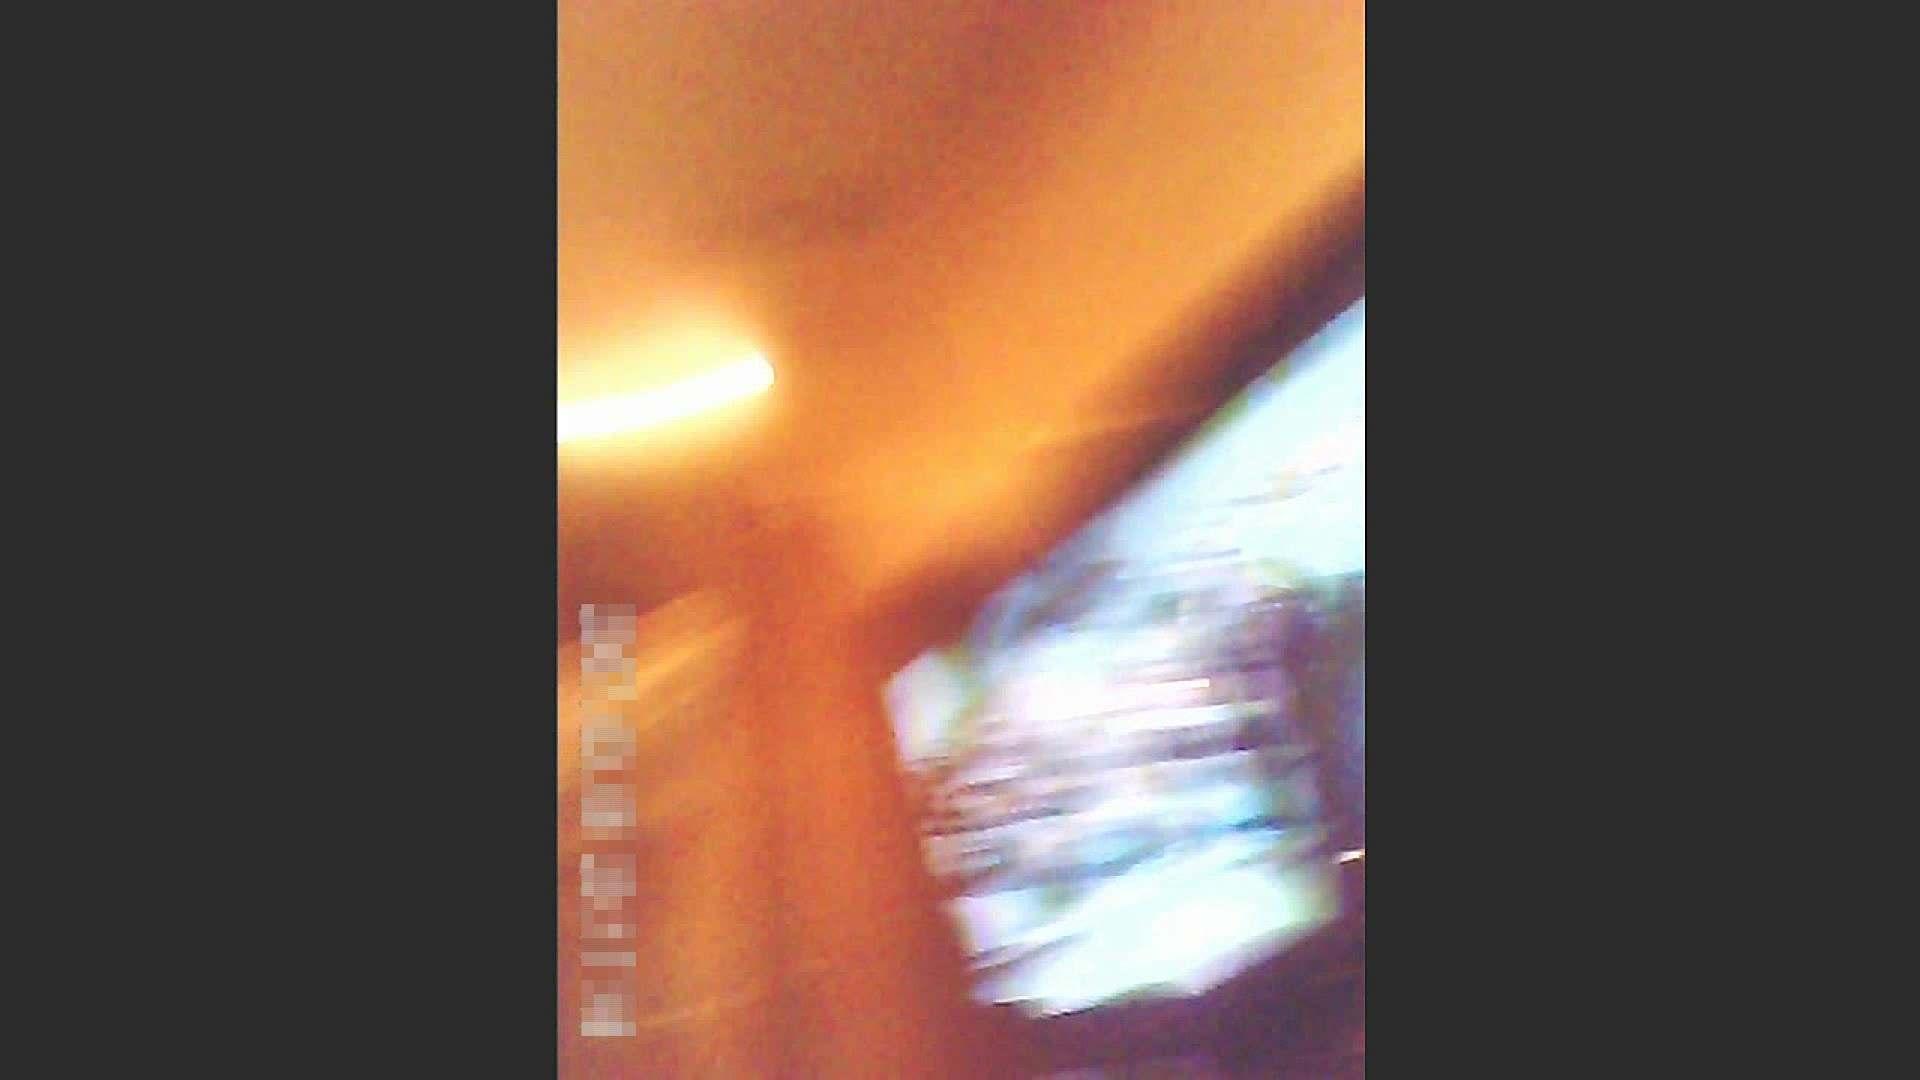 ▲復活限定D▲バトミントン部 みさこ  Vol.14 脱衣編 ホテルでエッチ  66pic 15